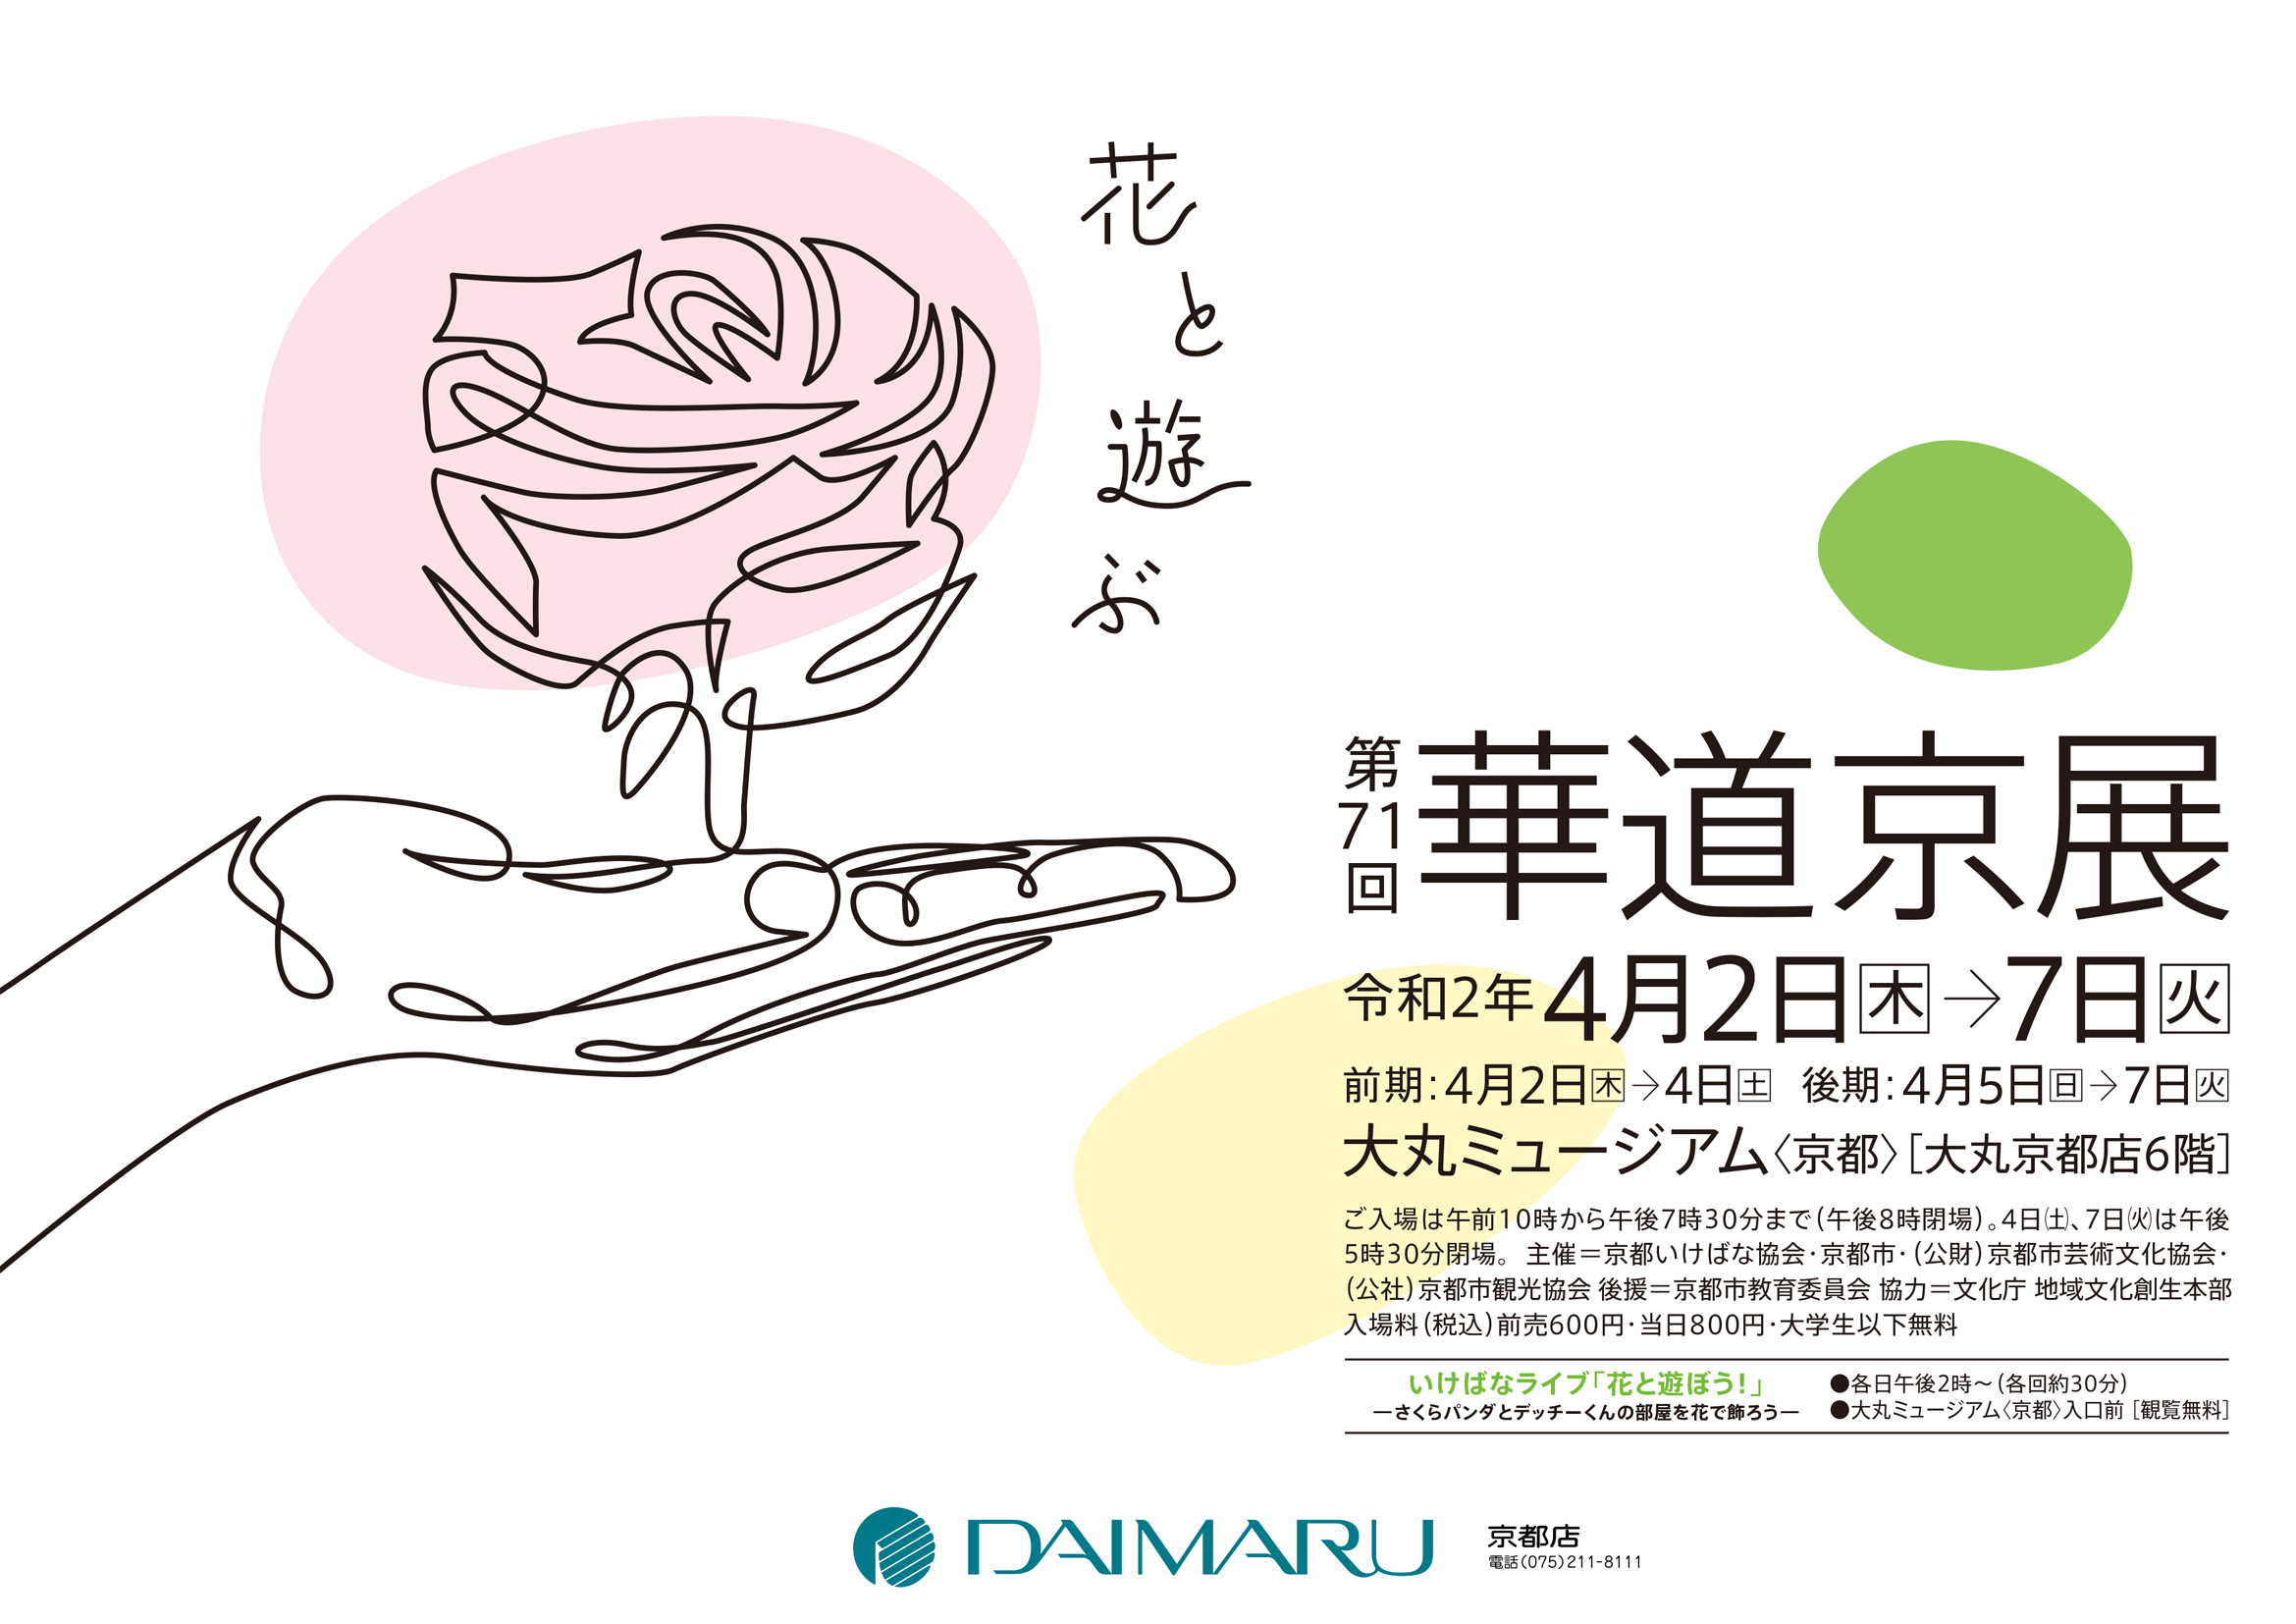 71華道京展チラシ表面.jpg